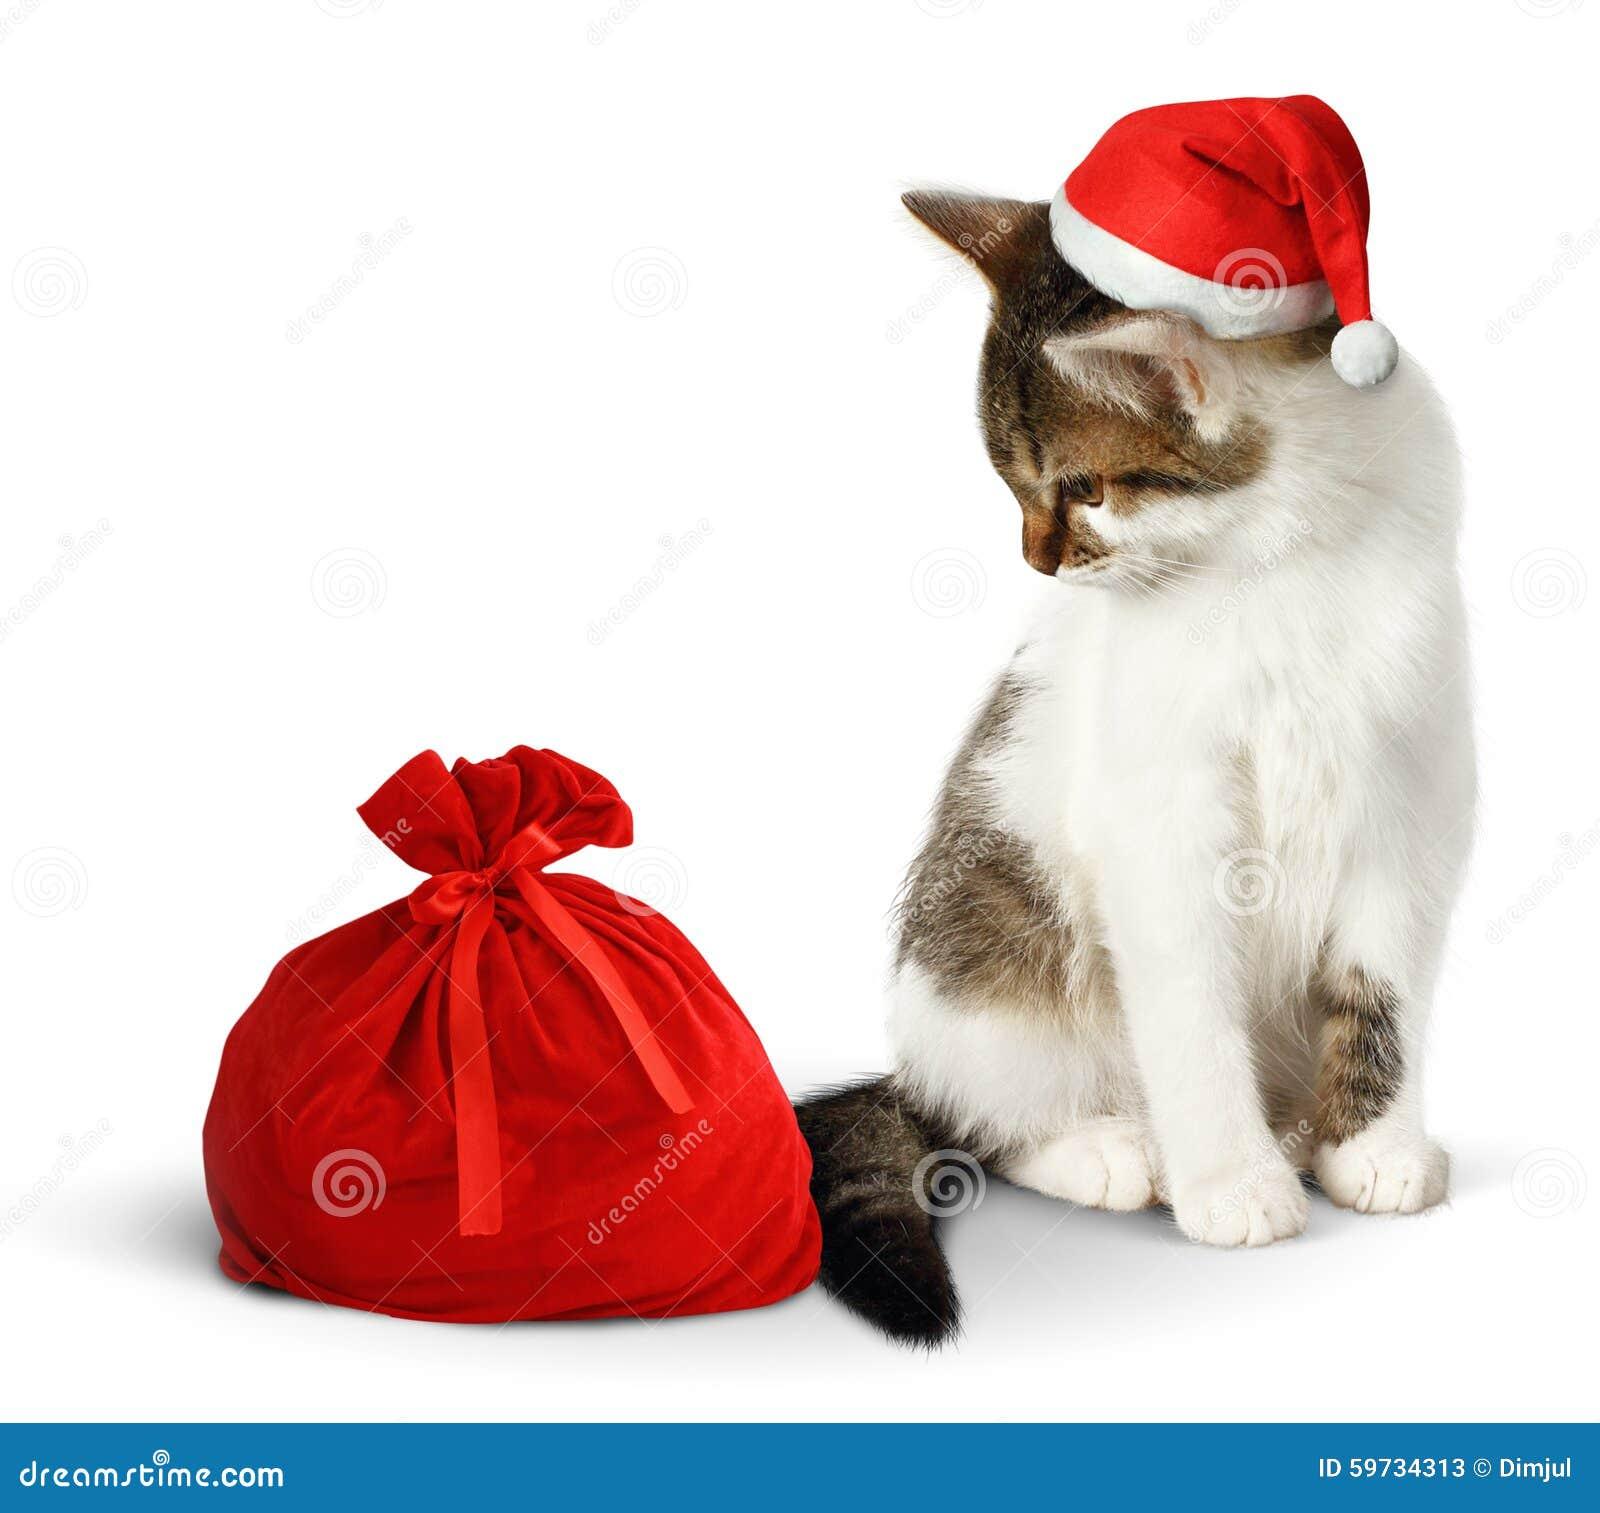 Gemütlich Katze Im Hut Malvorlagen Fotos - Druckbare Malvorlagen ...